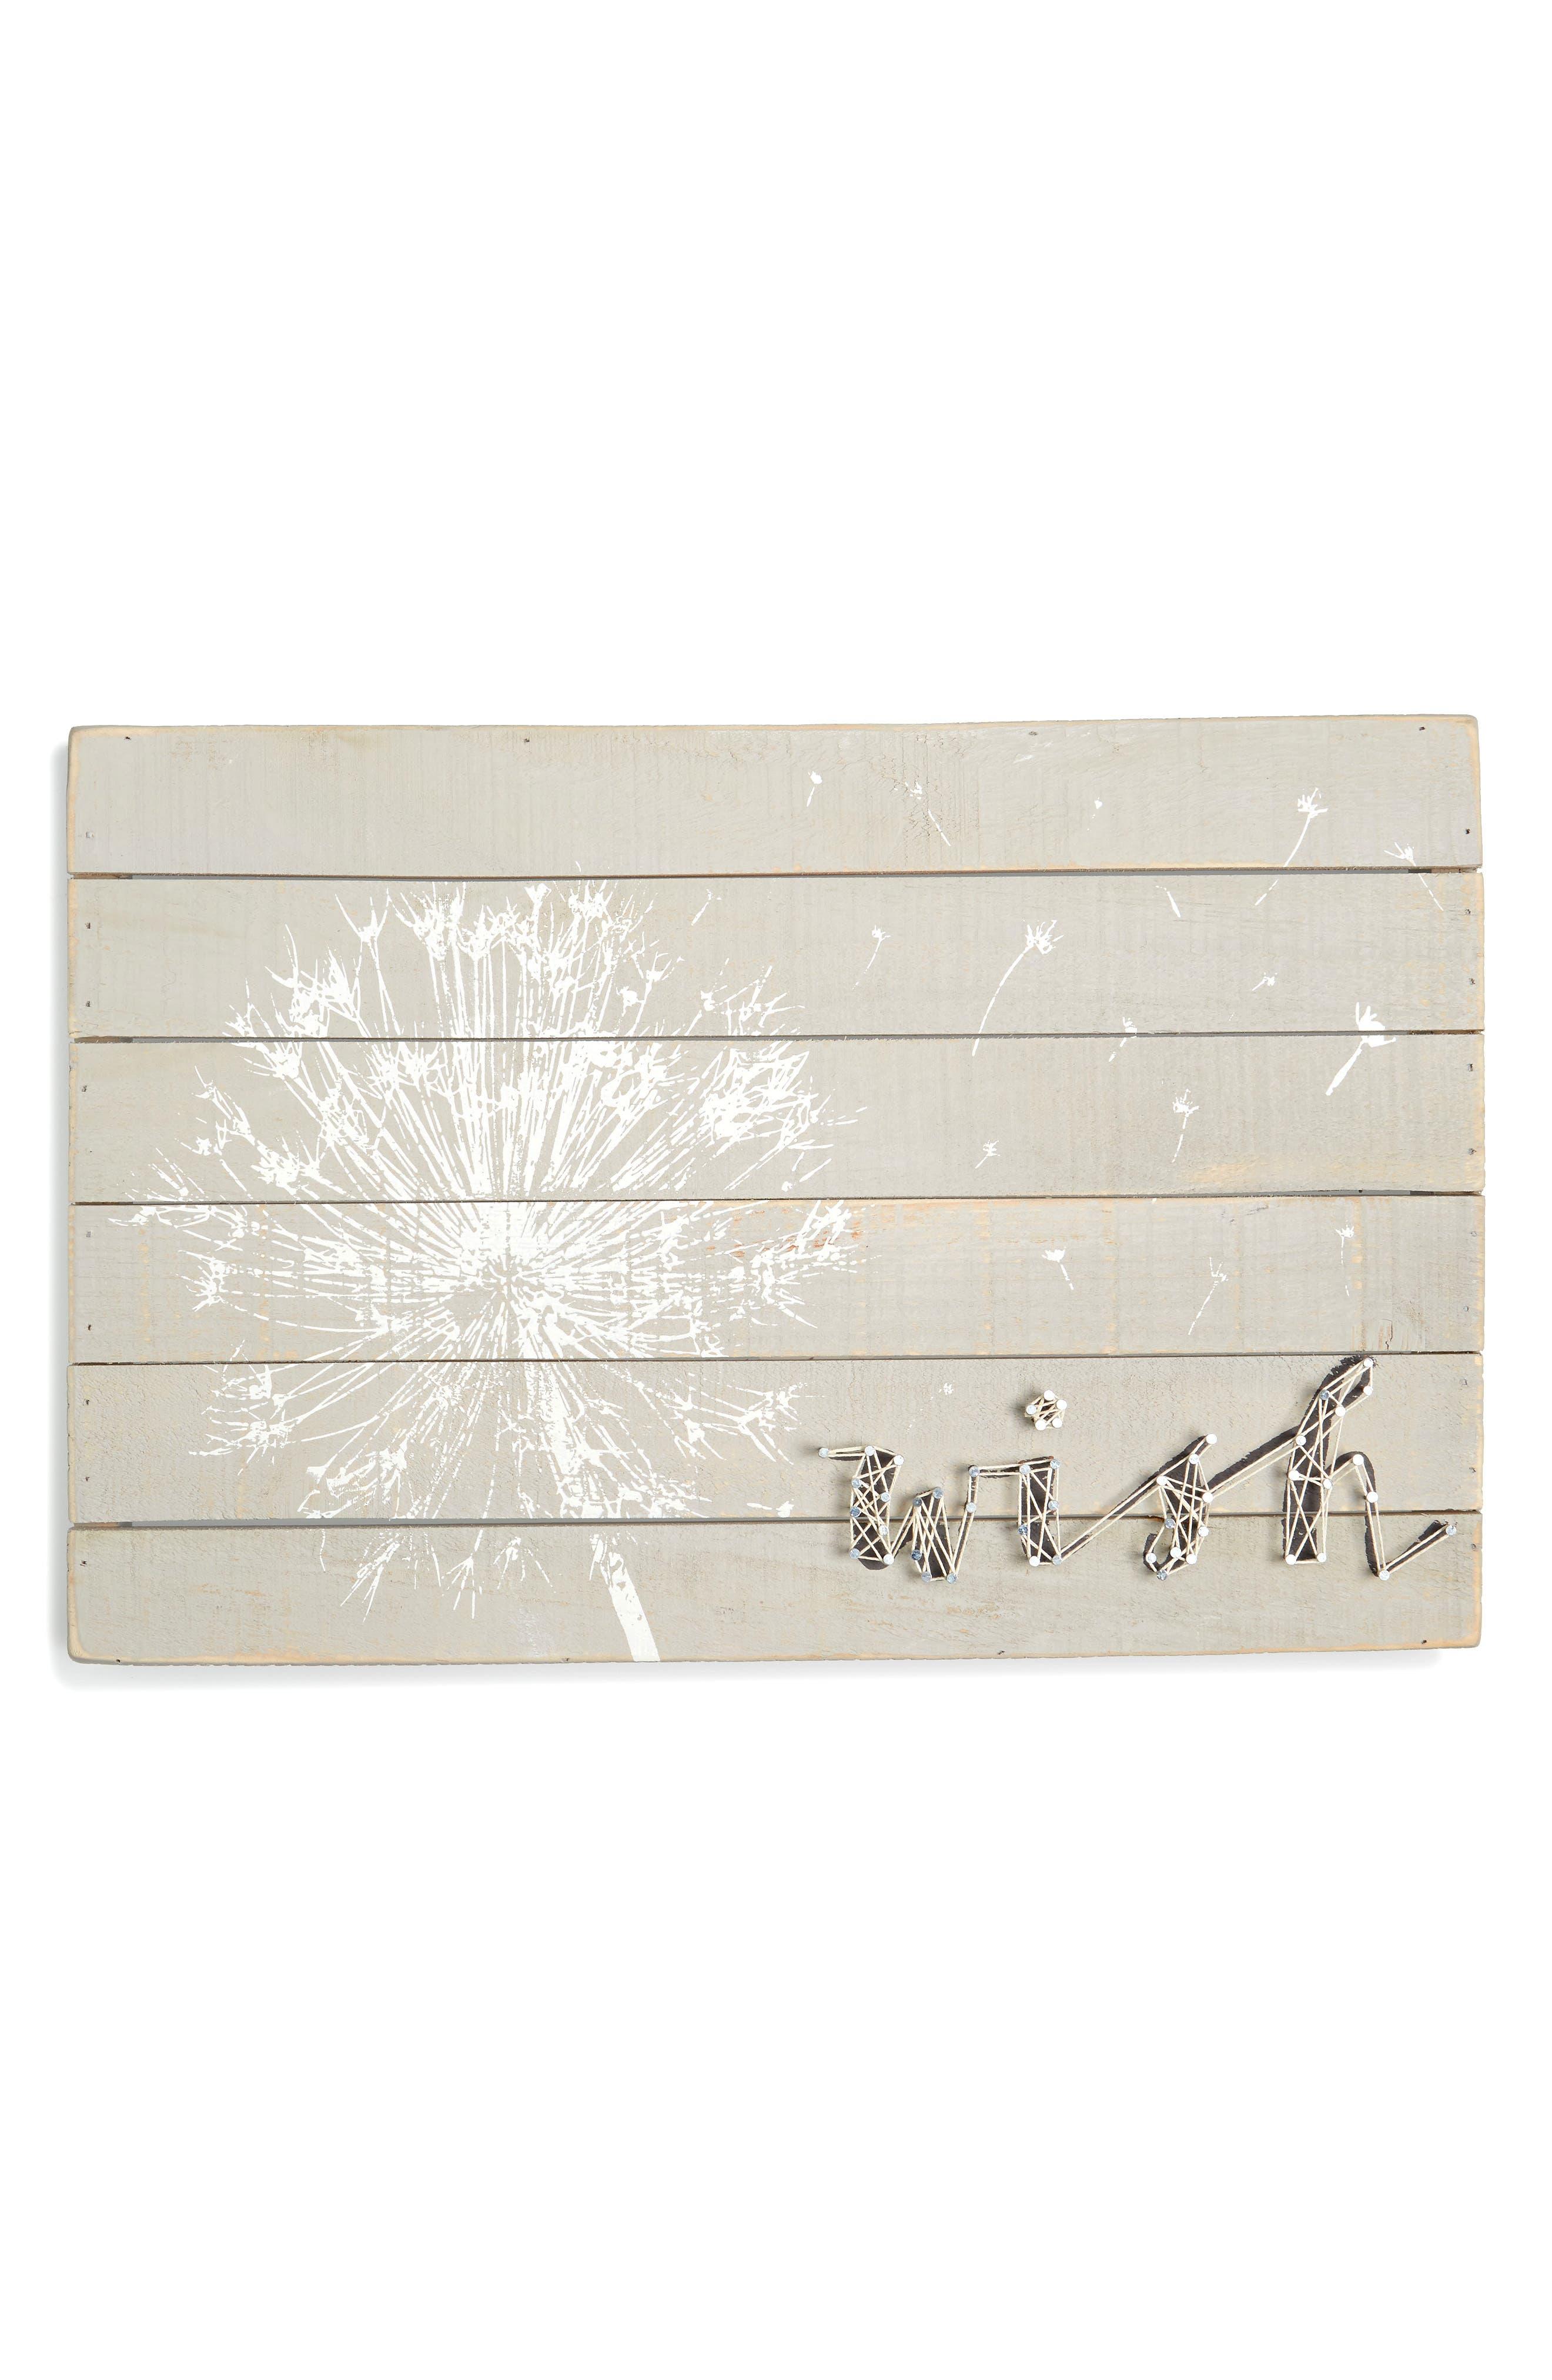 Main Image - Primitives by Kathy Make a Wish String Art Box Sign